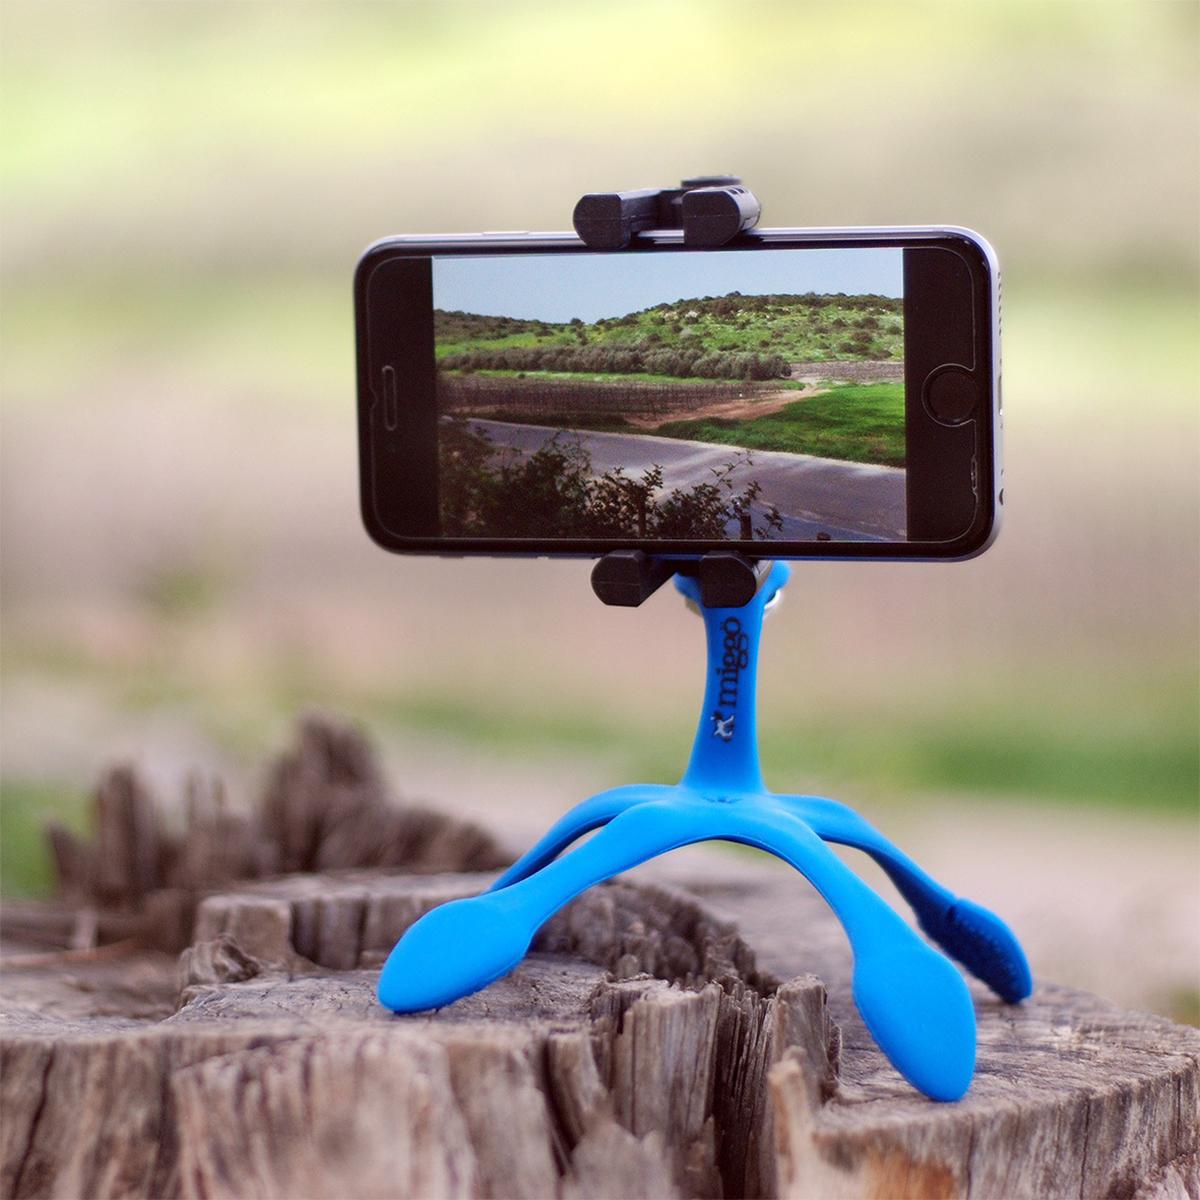 柔軟な5本足でスマホやカメラをどこにでも固定!カメラグリップにもなるスマホ&カメラ用スタンド| miggo